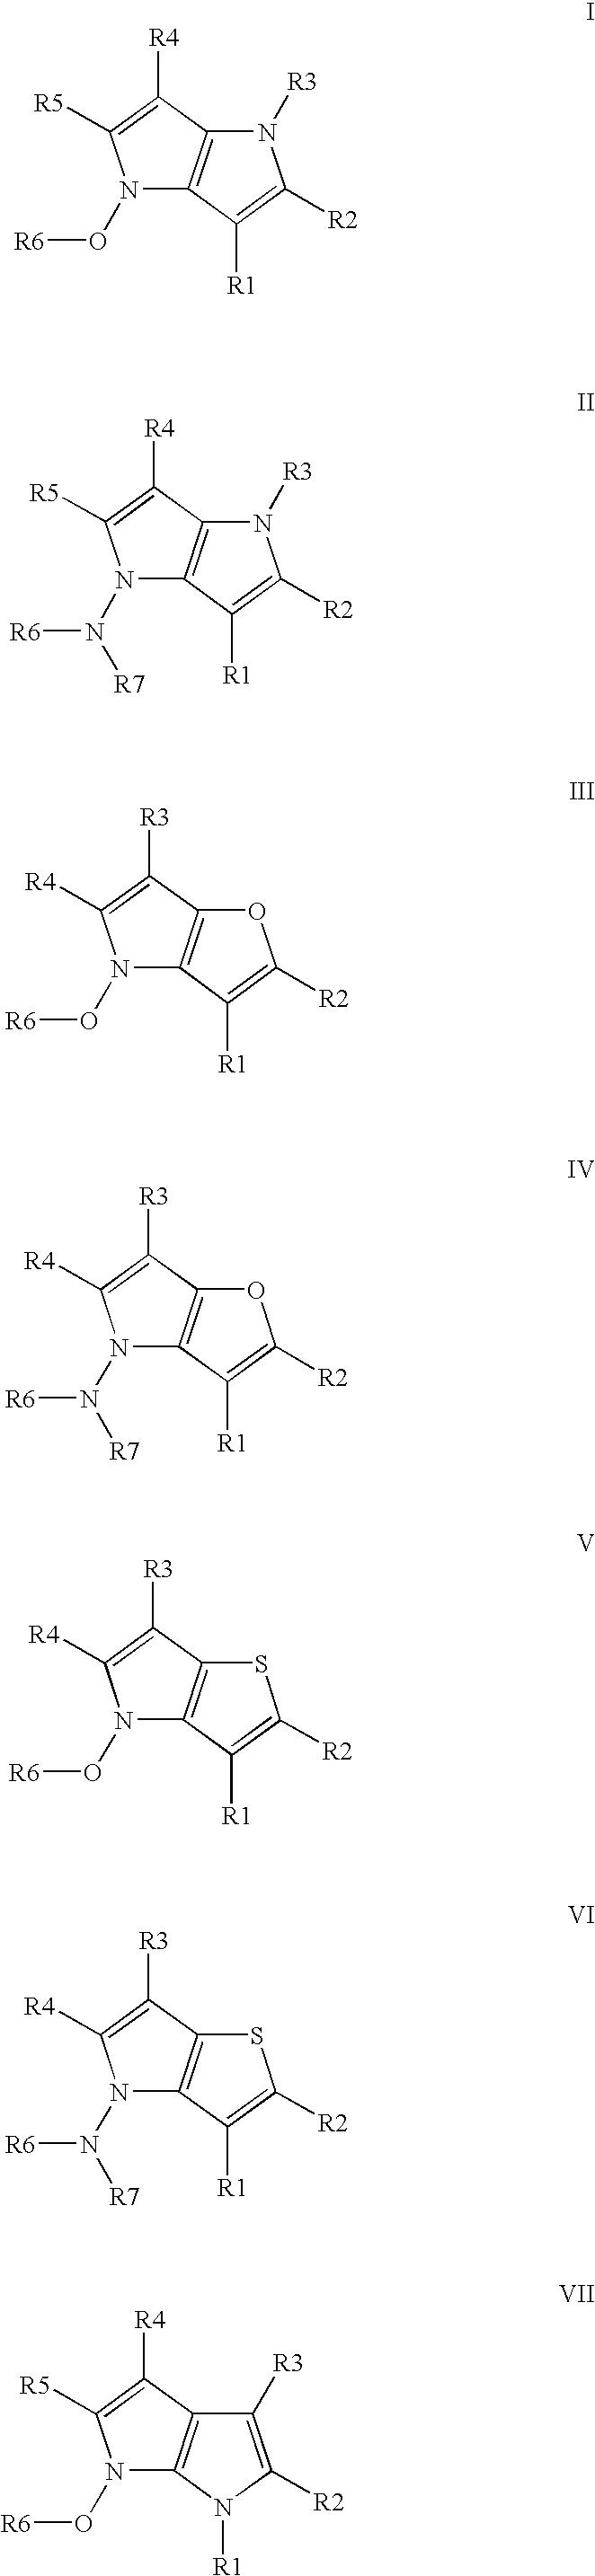 Figure US07288123-20071030-C00050